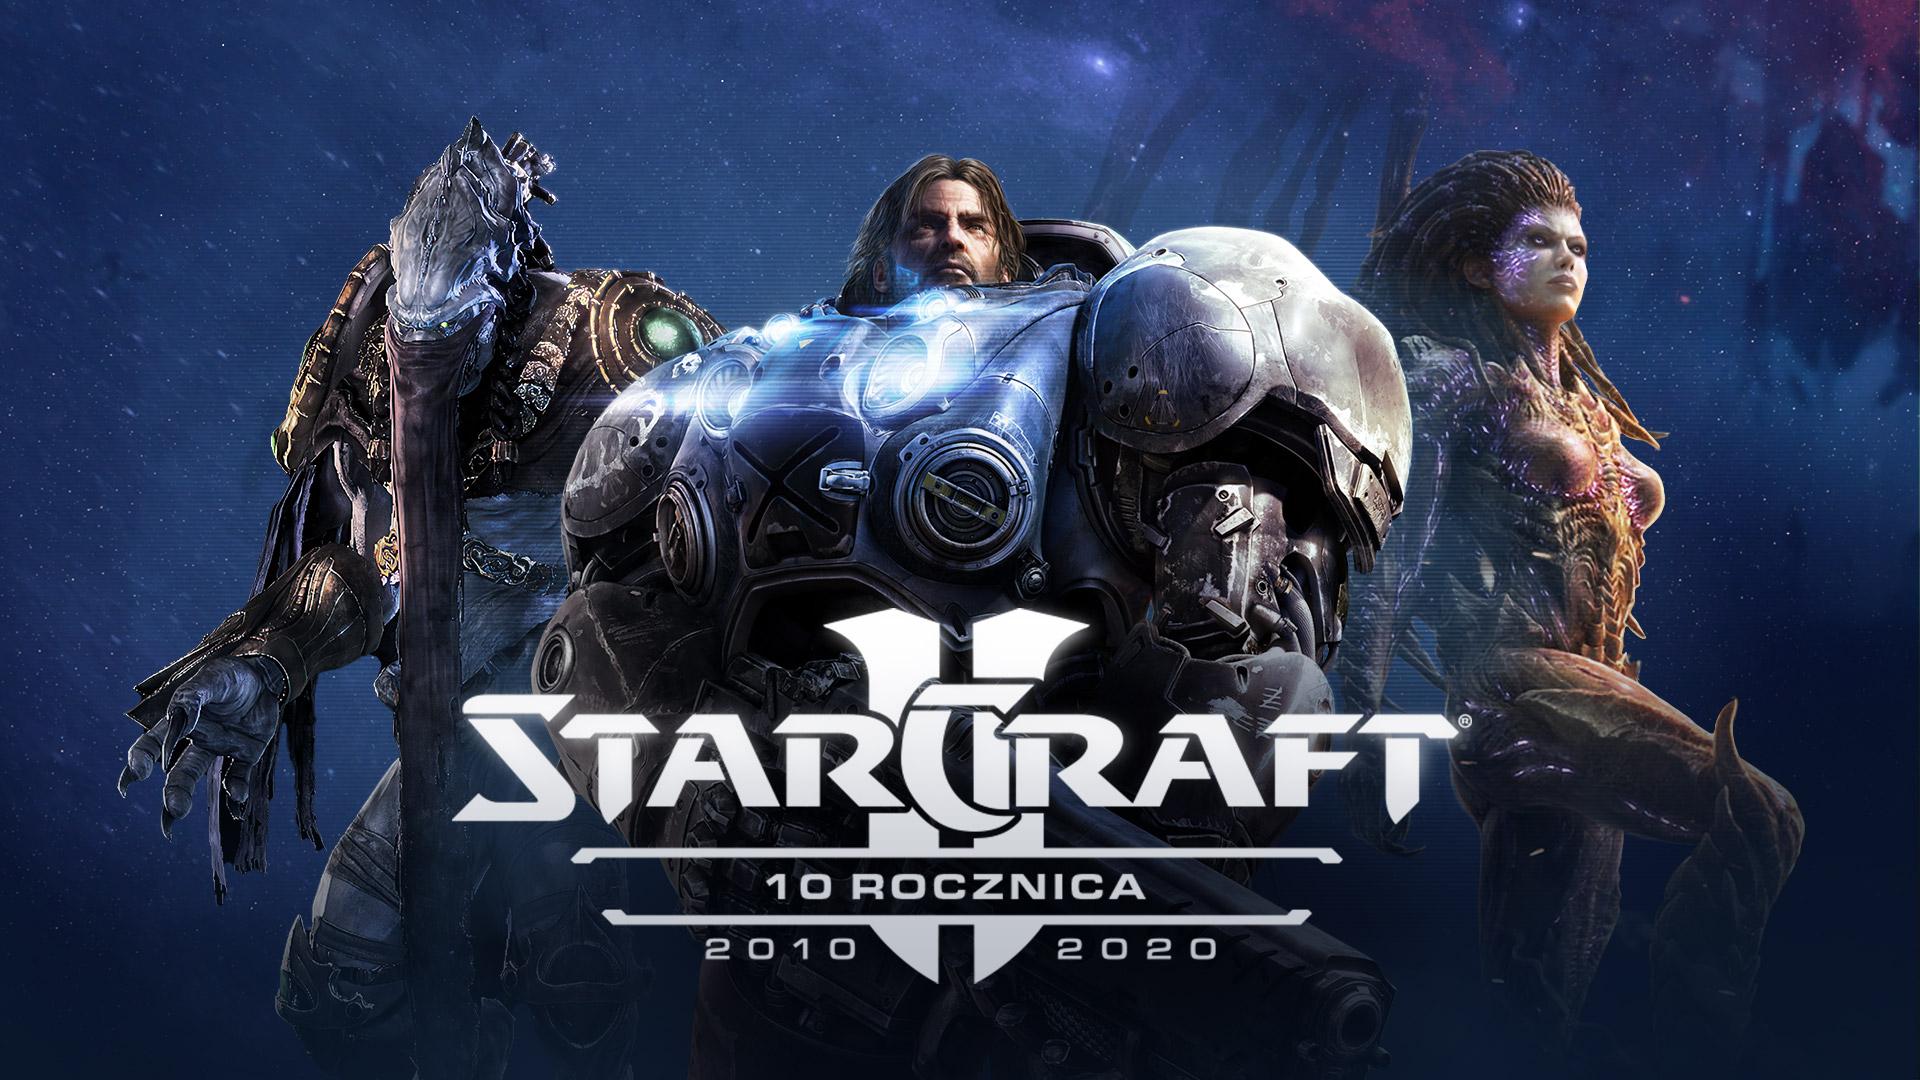 StarCraft II obchodzi 10 urodziny – świętujcie z nami!